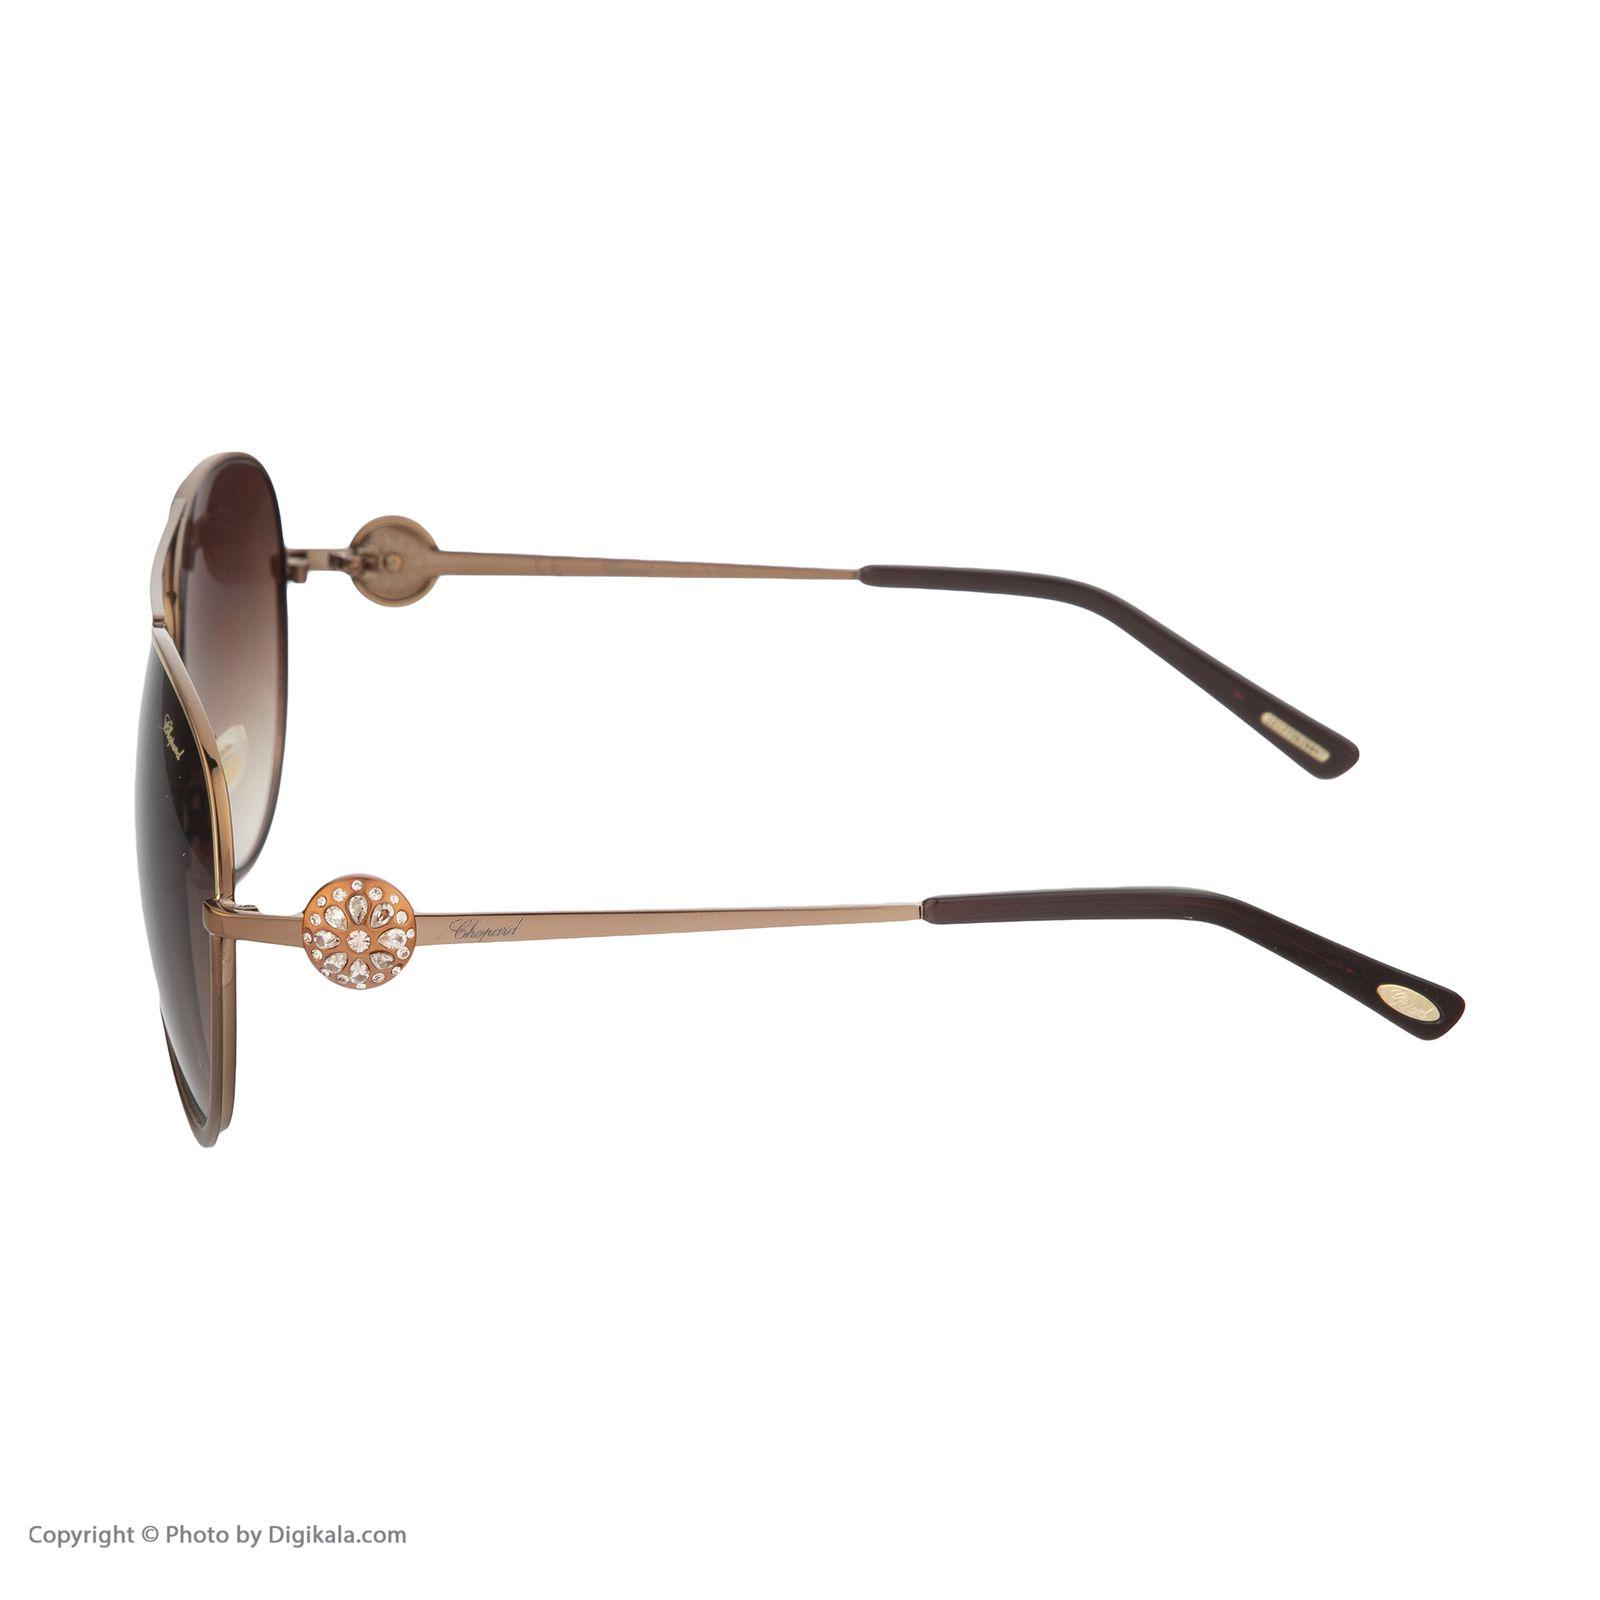 عینک آفتابی زنانه شوپارد مدل 23 -  - 5